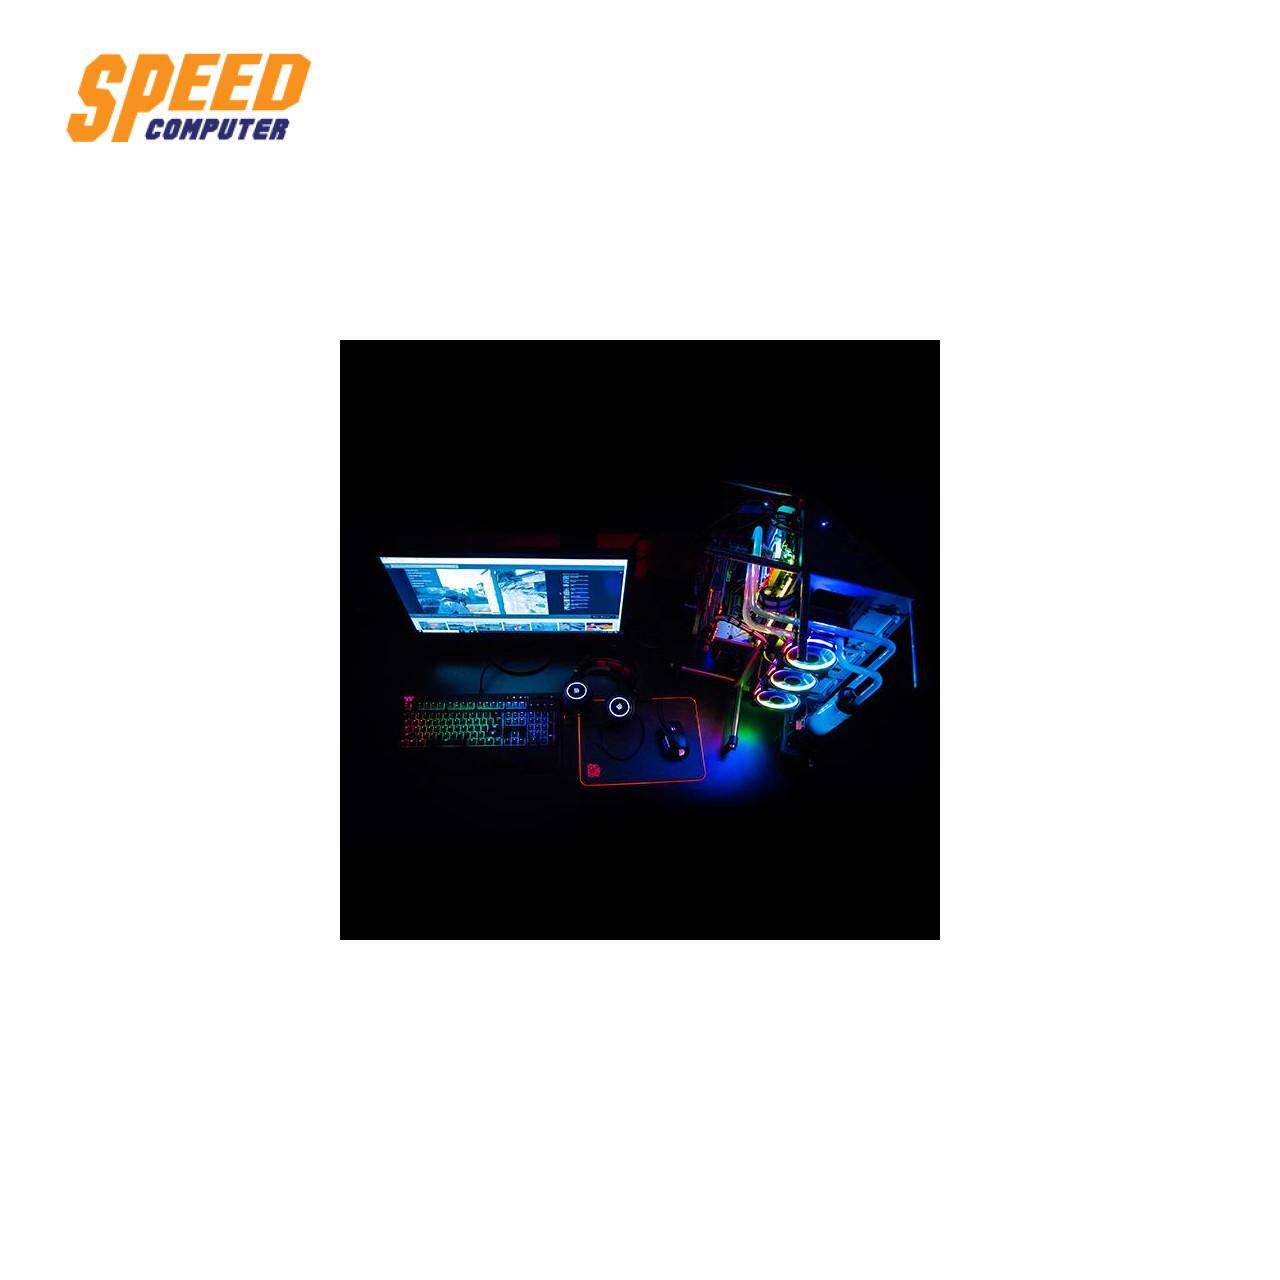 KB-TPX-SSBRTH-01